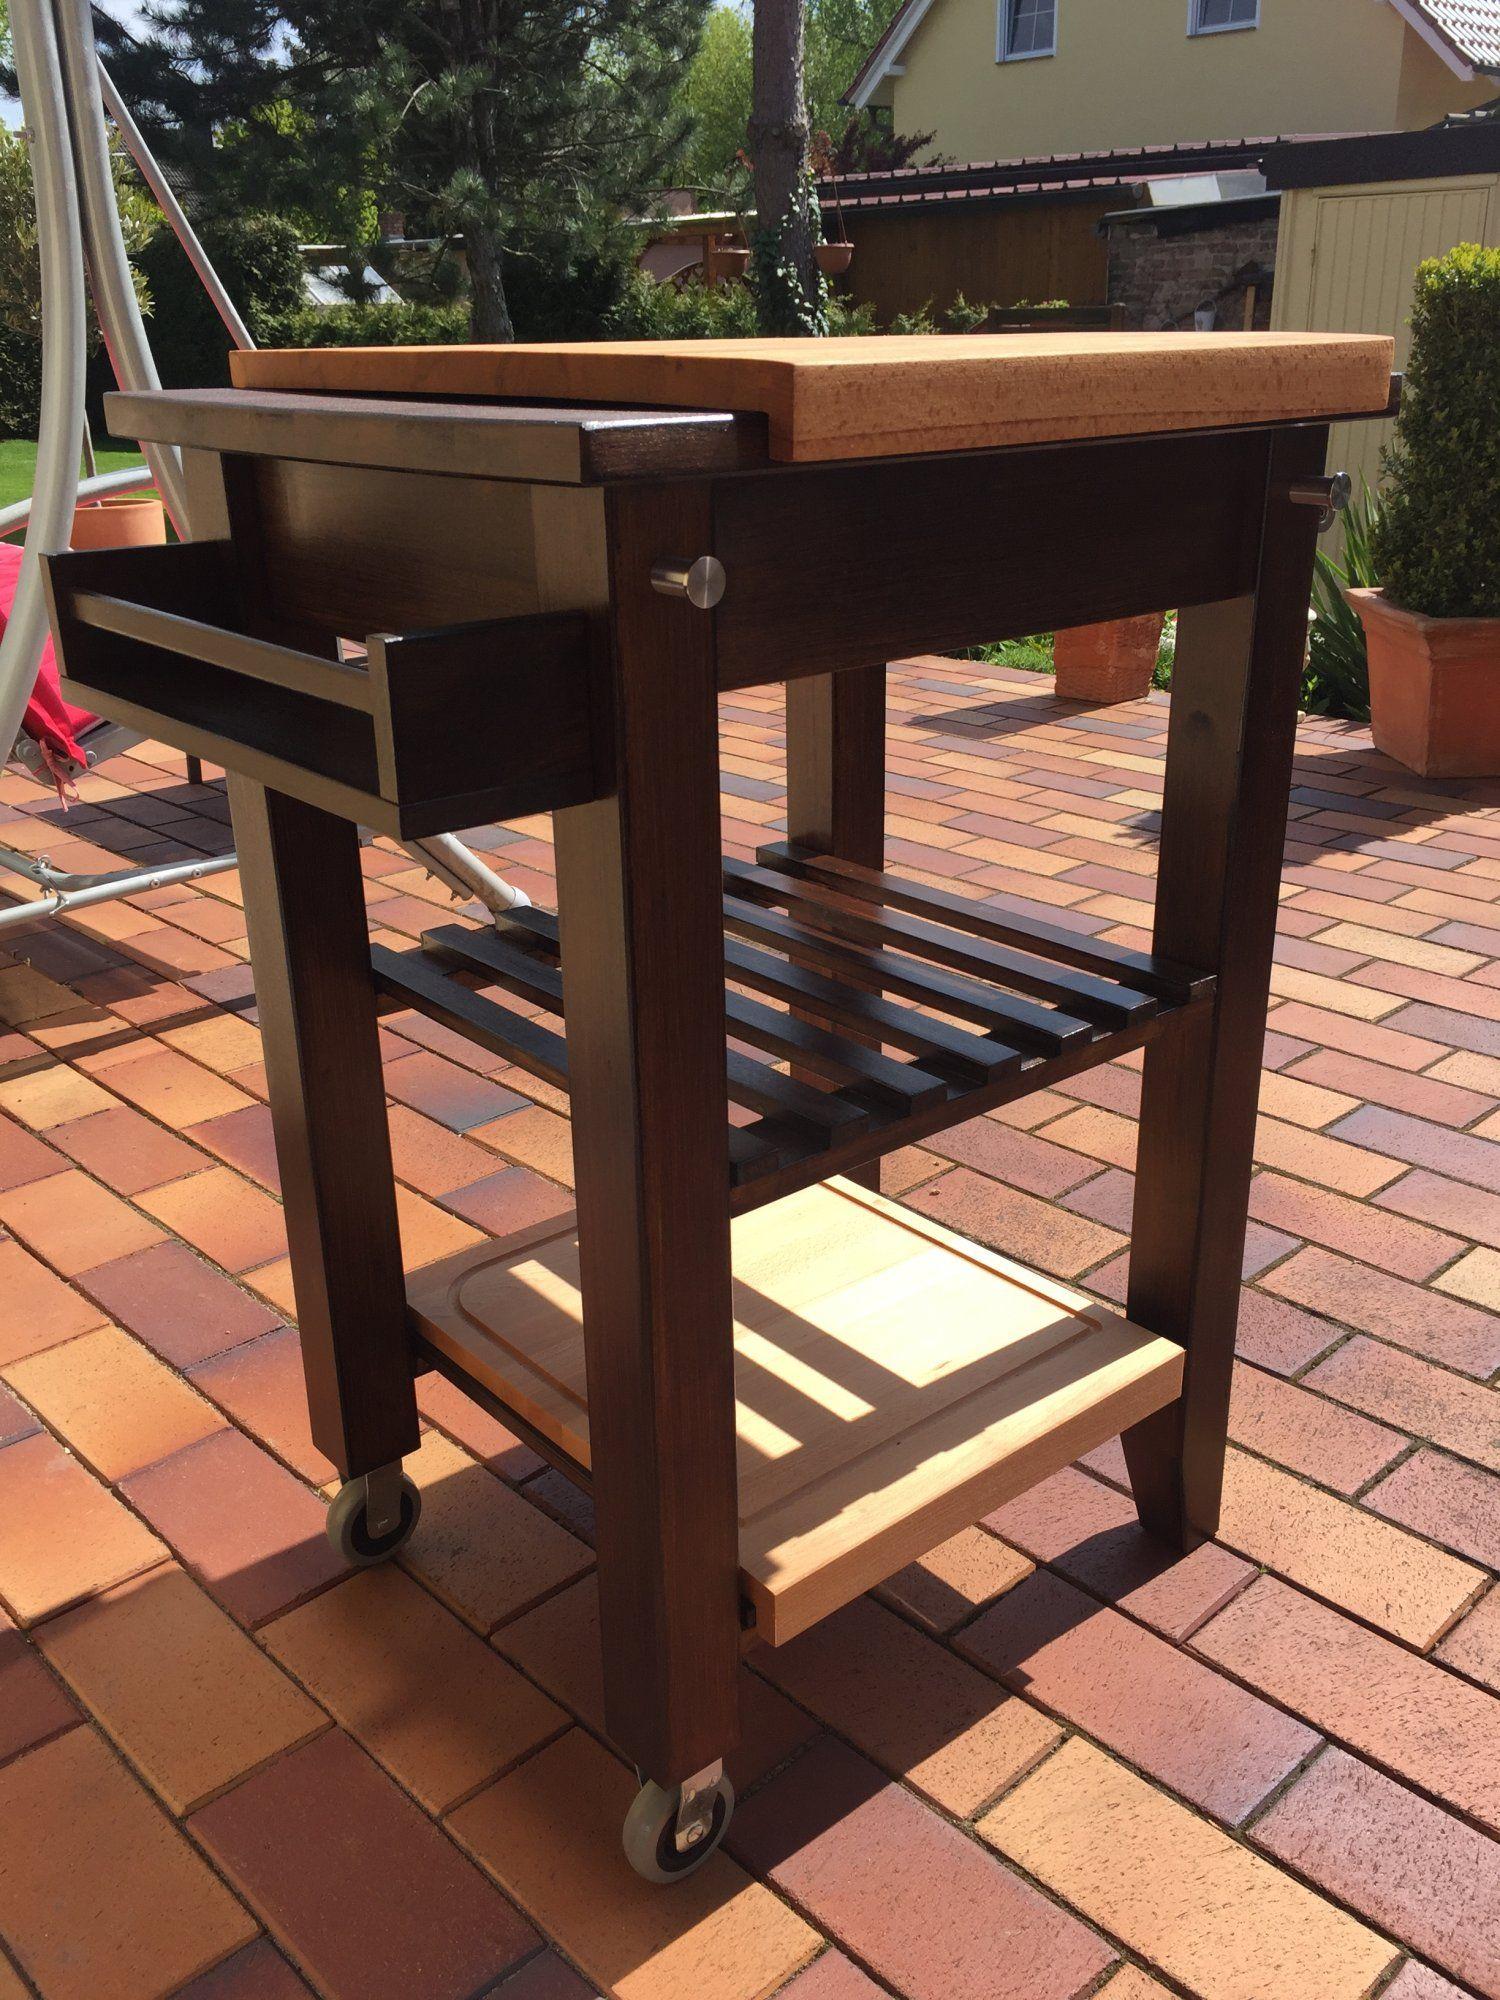 Full Size of Grillwagen Ikea Grill Beistelltisch Weber Tisch Beitisch Bei Grillforum Und Modulküche Küche Kaufen Kosten Miniküche Sofa Mit Schlaffunktion Betten 160x200 Wohnzimmer Grillwagen Ikea